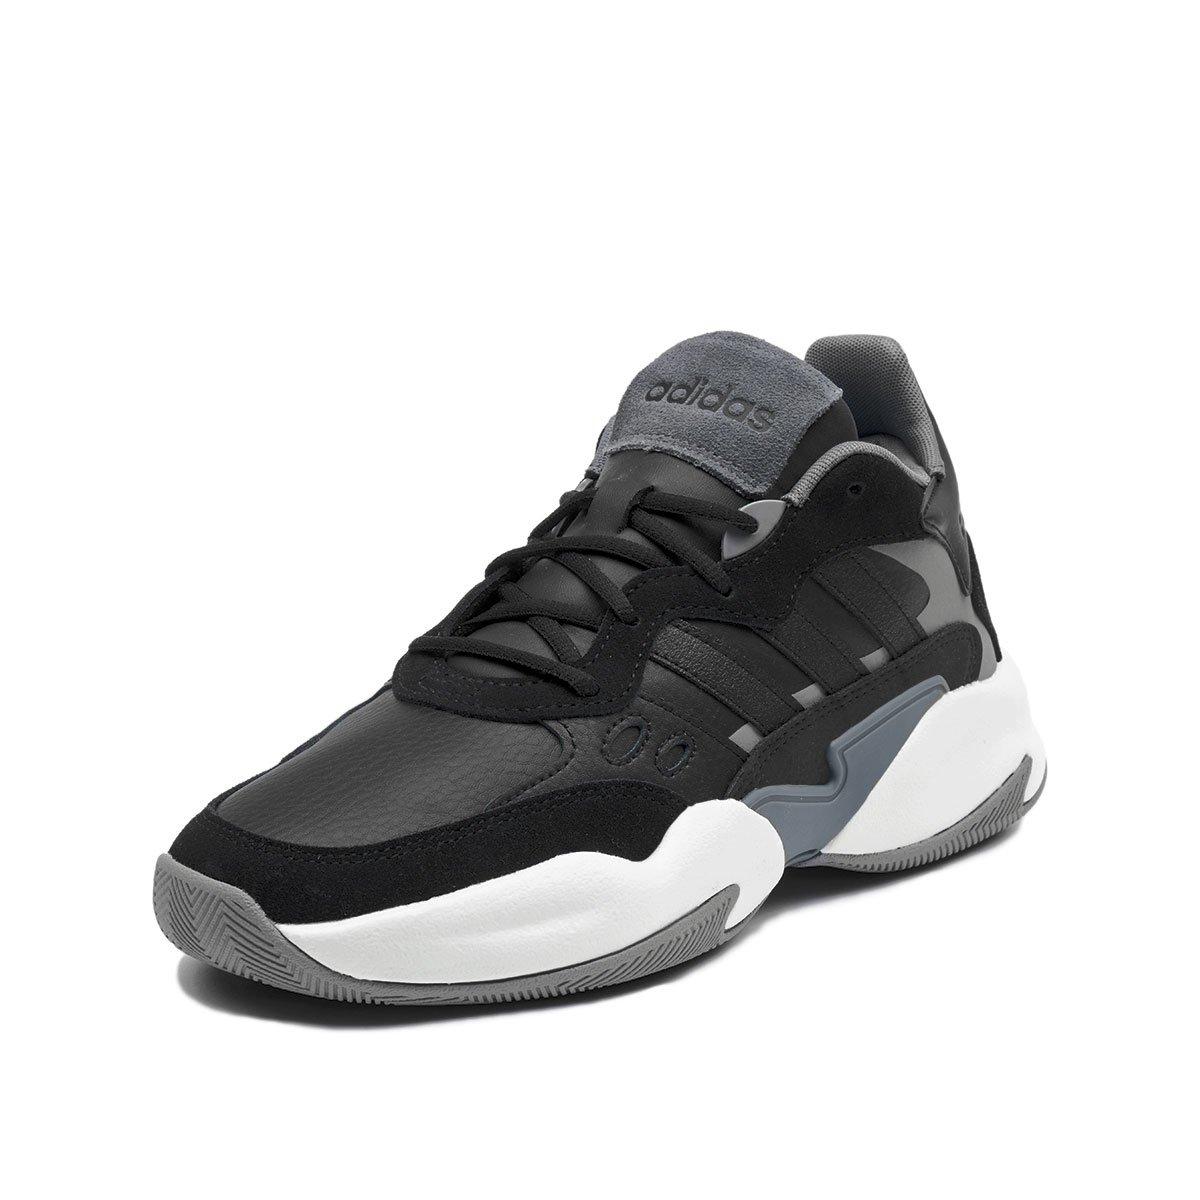 Adidas Streetspirit 2.0